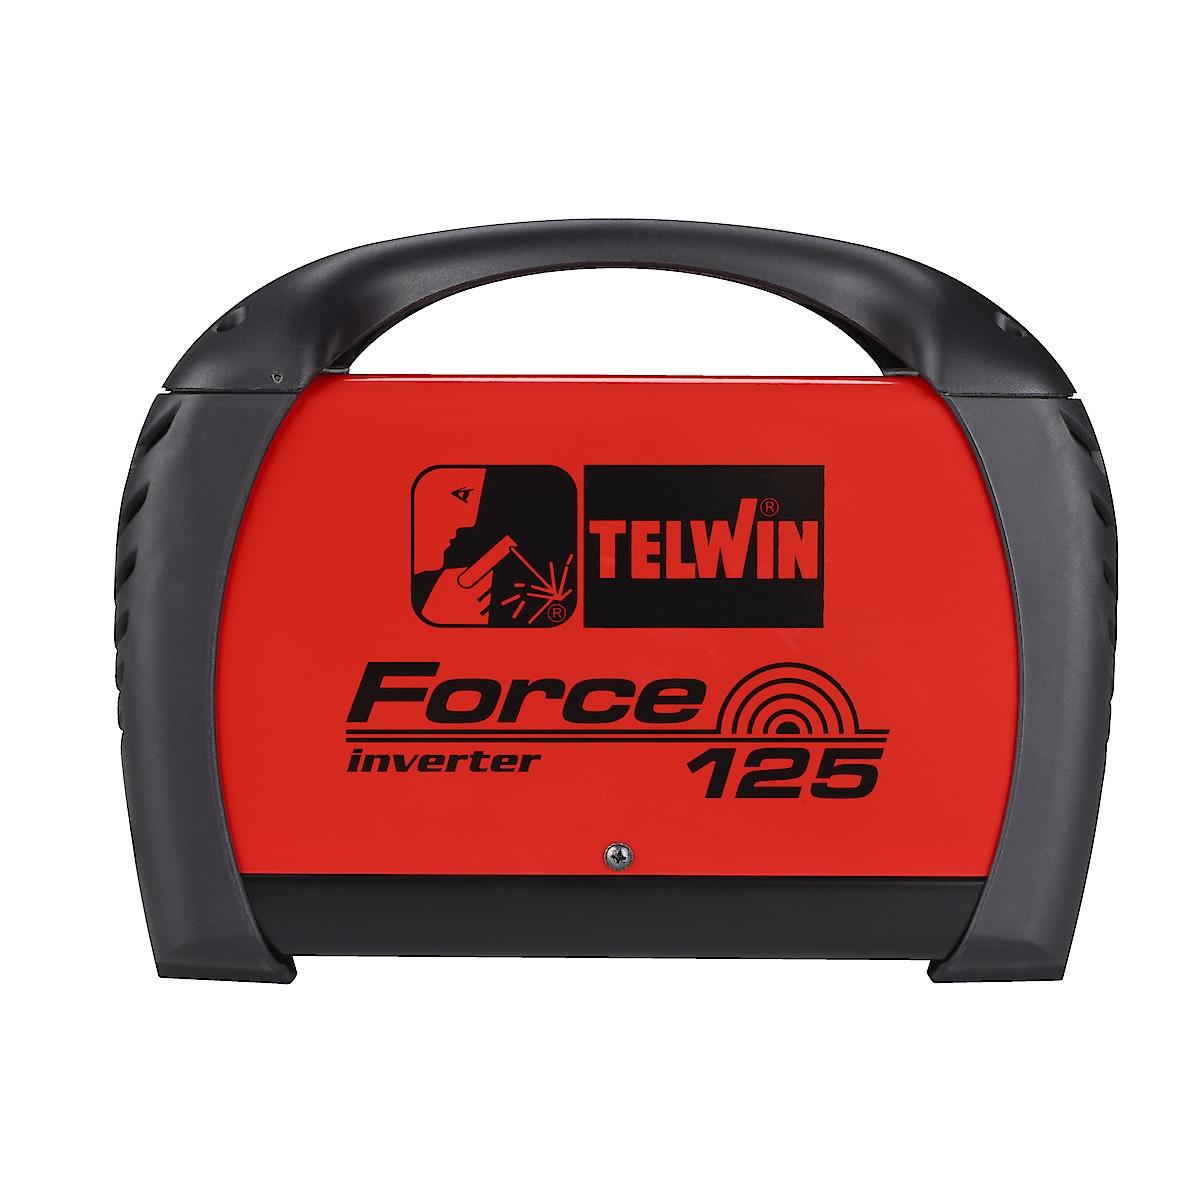 Svets Telwin Force 125